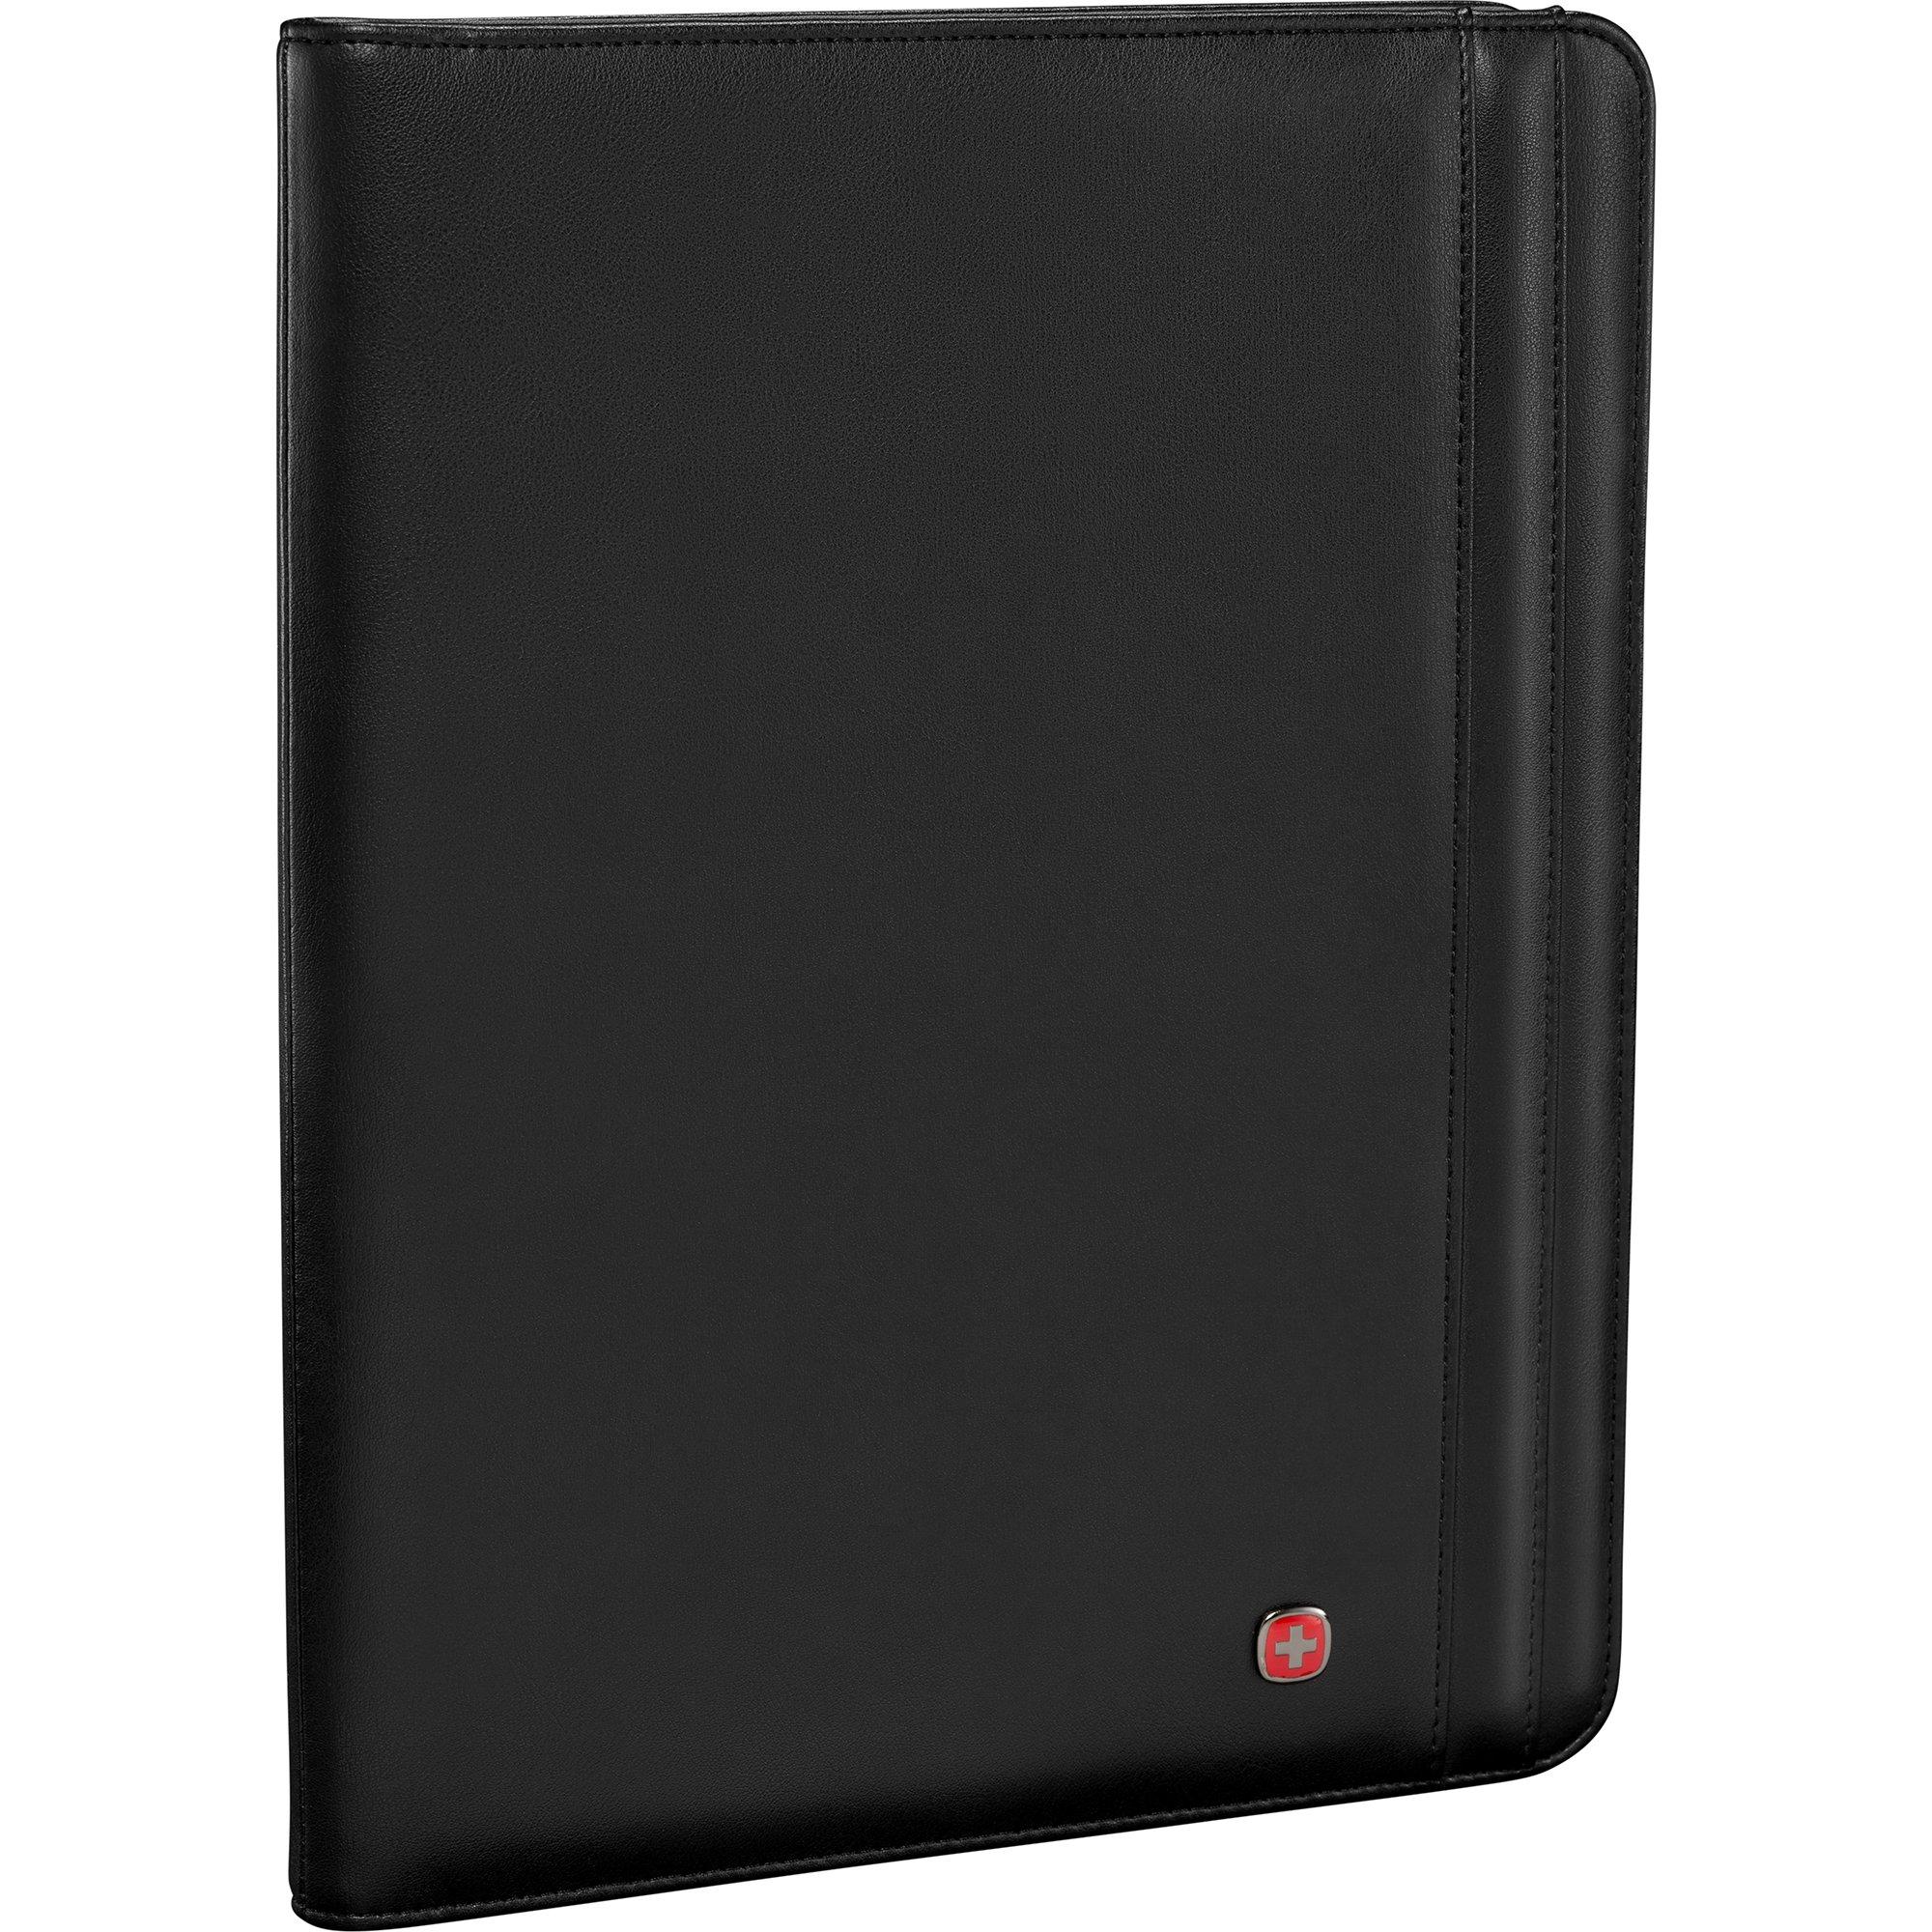 Wenger Luggage Merit Padfolio, Black by Wenger